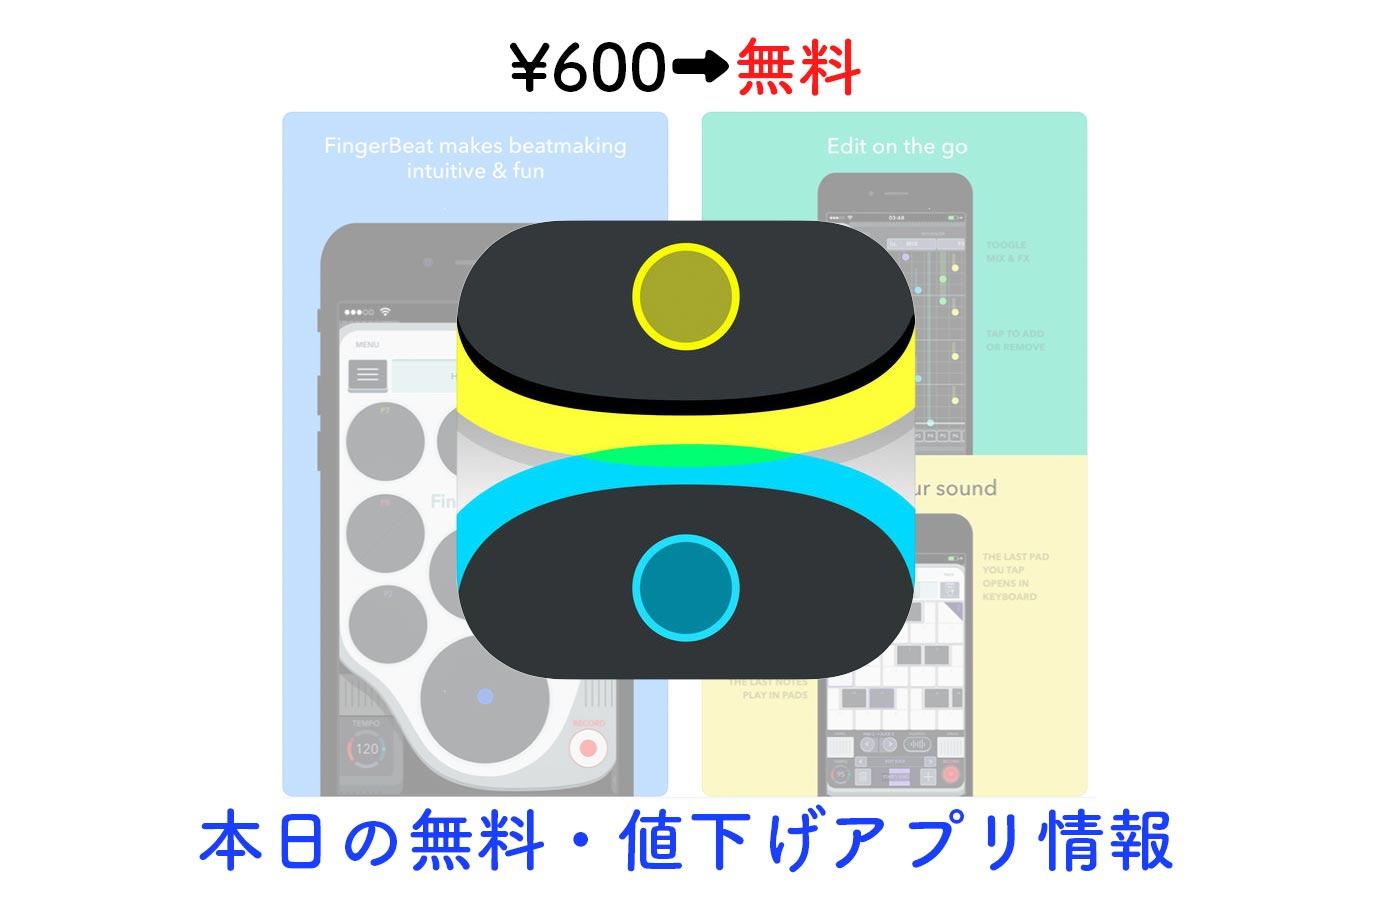 600円→無料、ポケットサンプラー・ドラムマシーンアプリ「FingerBeat」など【4/12】セールアプリ情報